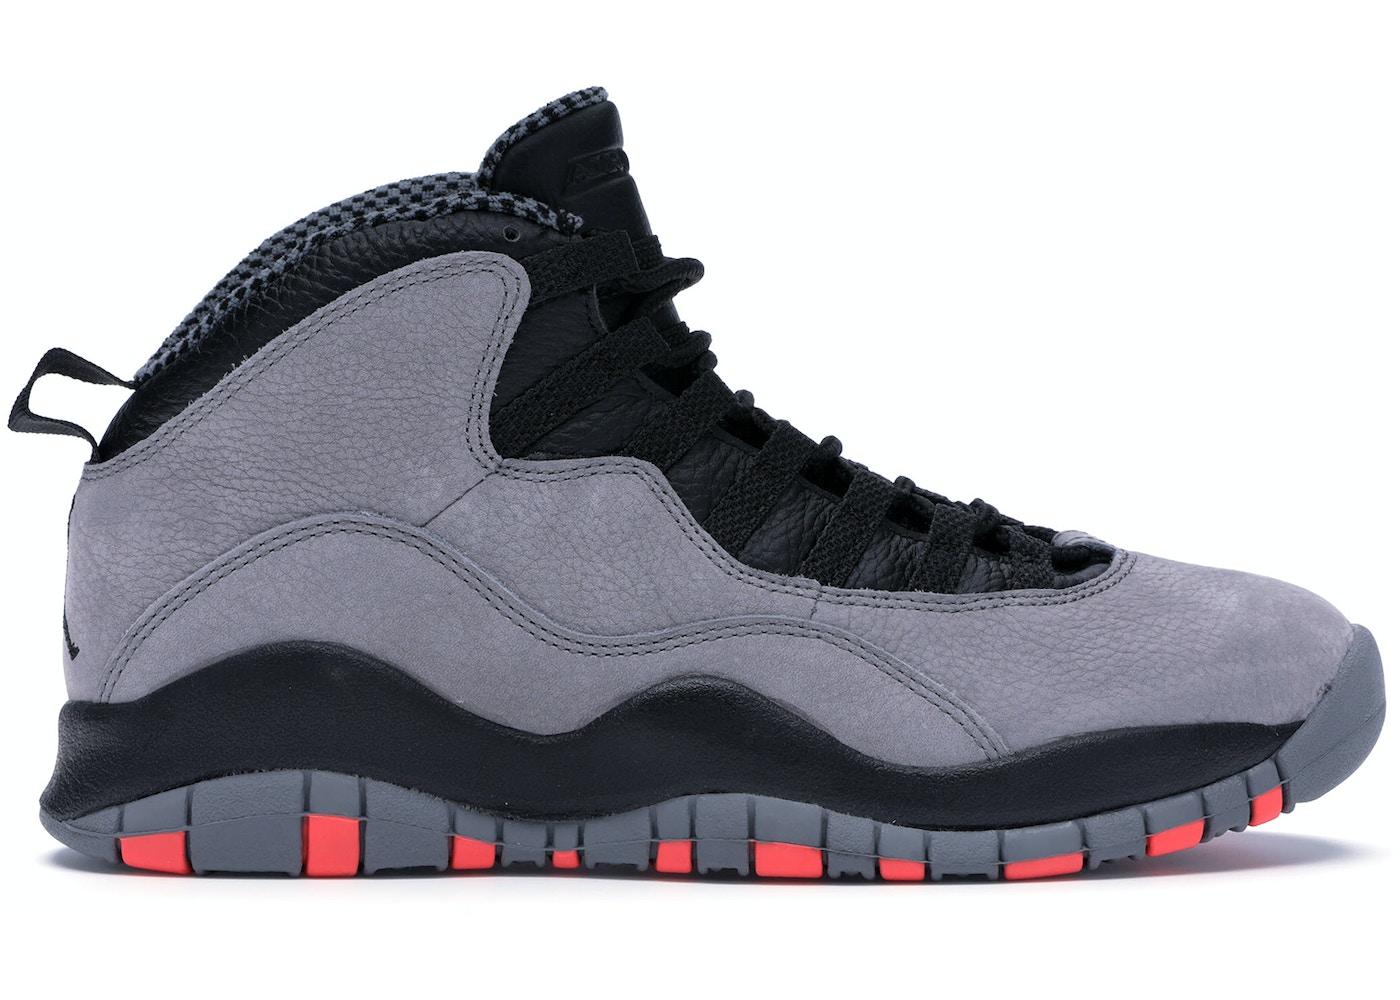 eccc71bb6607d6 Buy Air Jordan 10 Shoes   Deadstock Sneakers